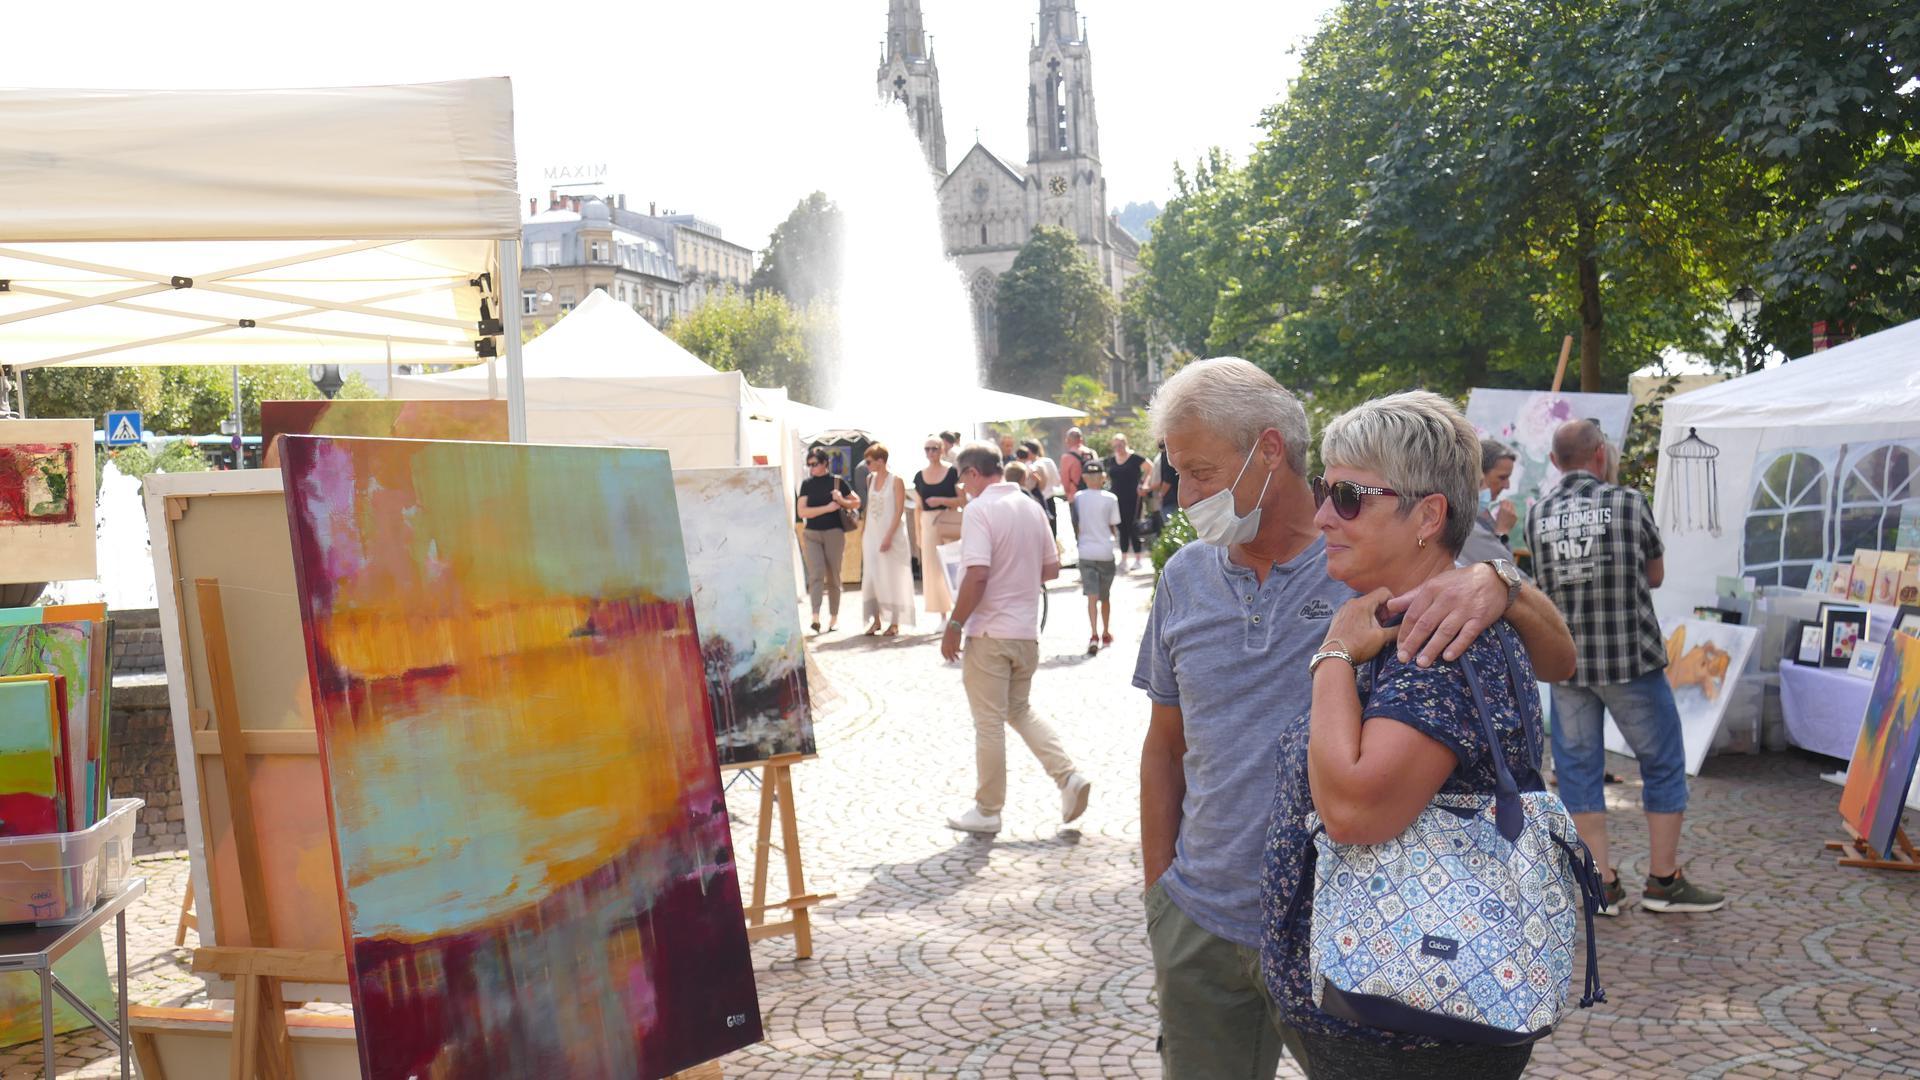 Besucher auf dem Kunstmarkt in Baden-Baden auf dem Augustaplatz betrachten ein Gemälde.